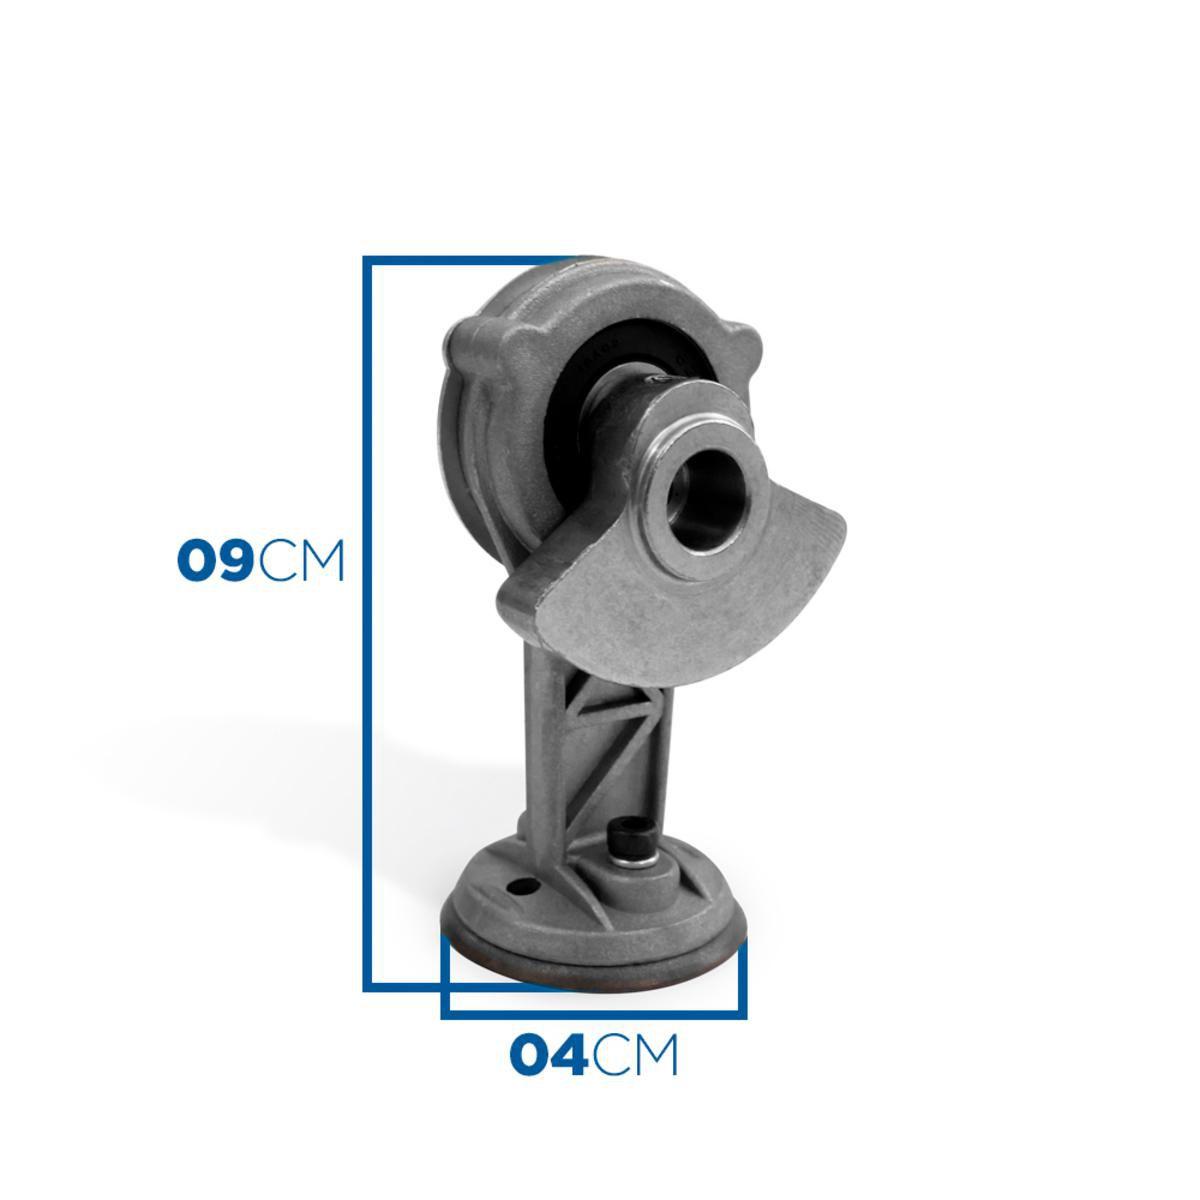 Pacote 10 Pistao Com Virabrequim p/ Compressor de Ar 325c, 380c, 400c, 444c, 450c, 480c